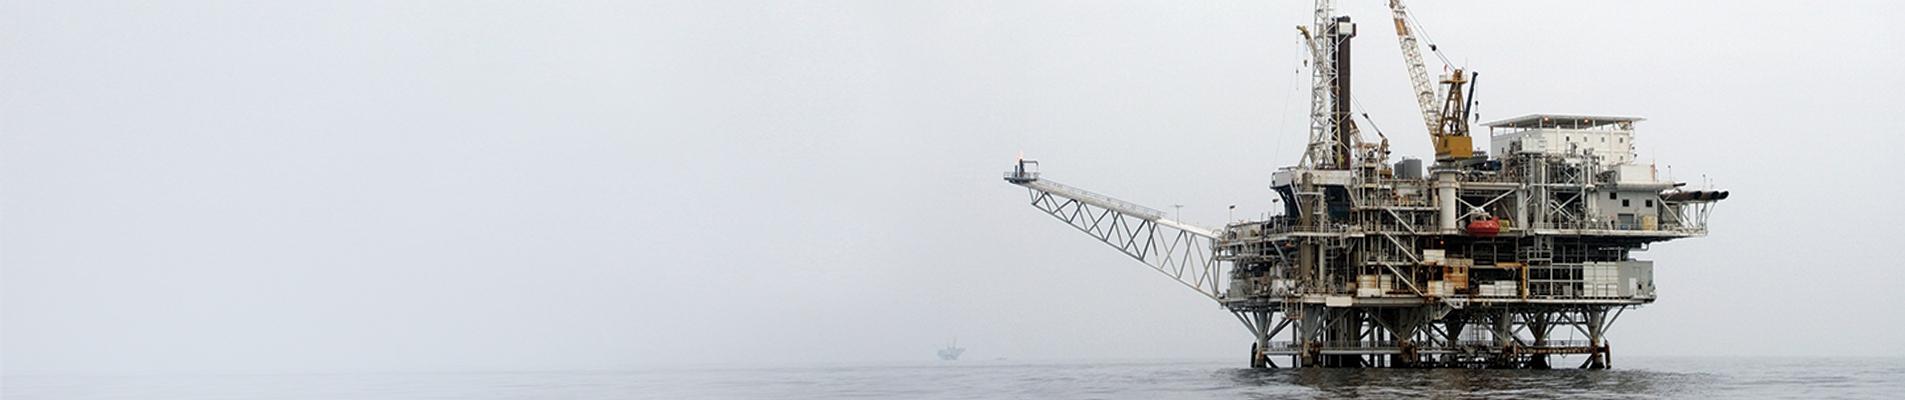 banner-market-energyenviroment-oilgas